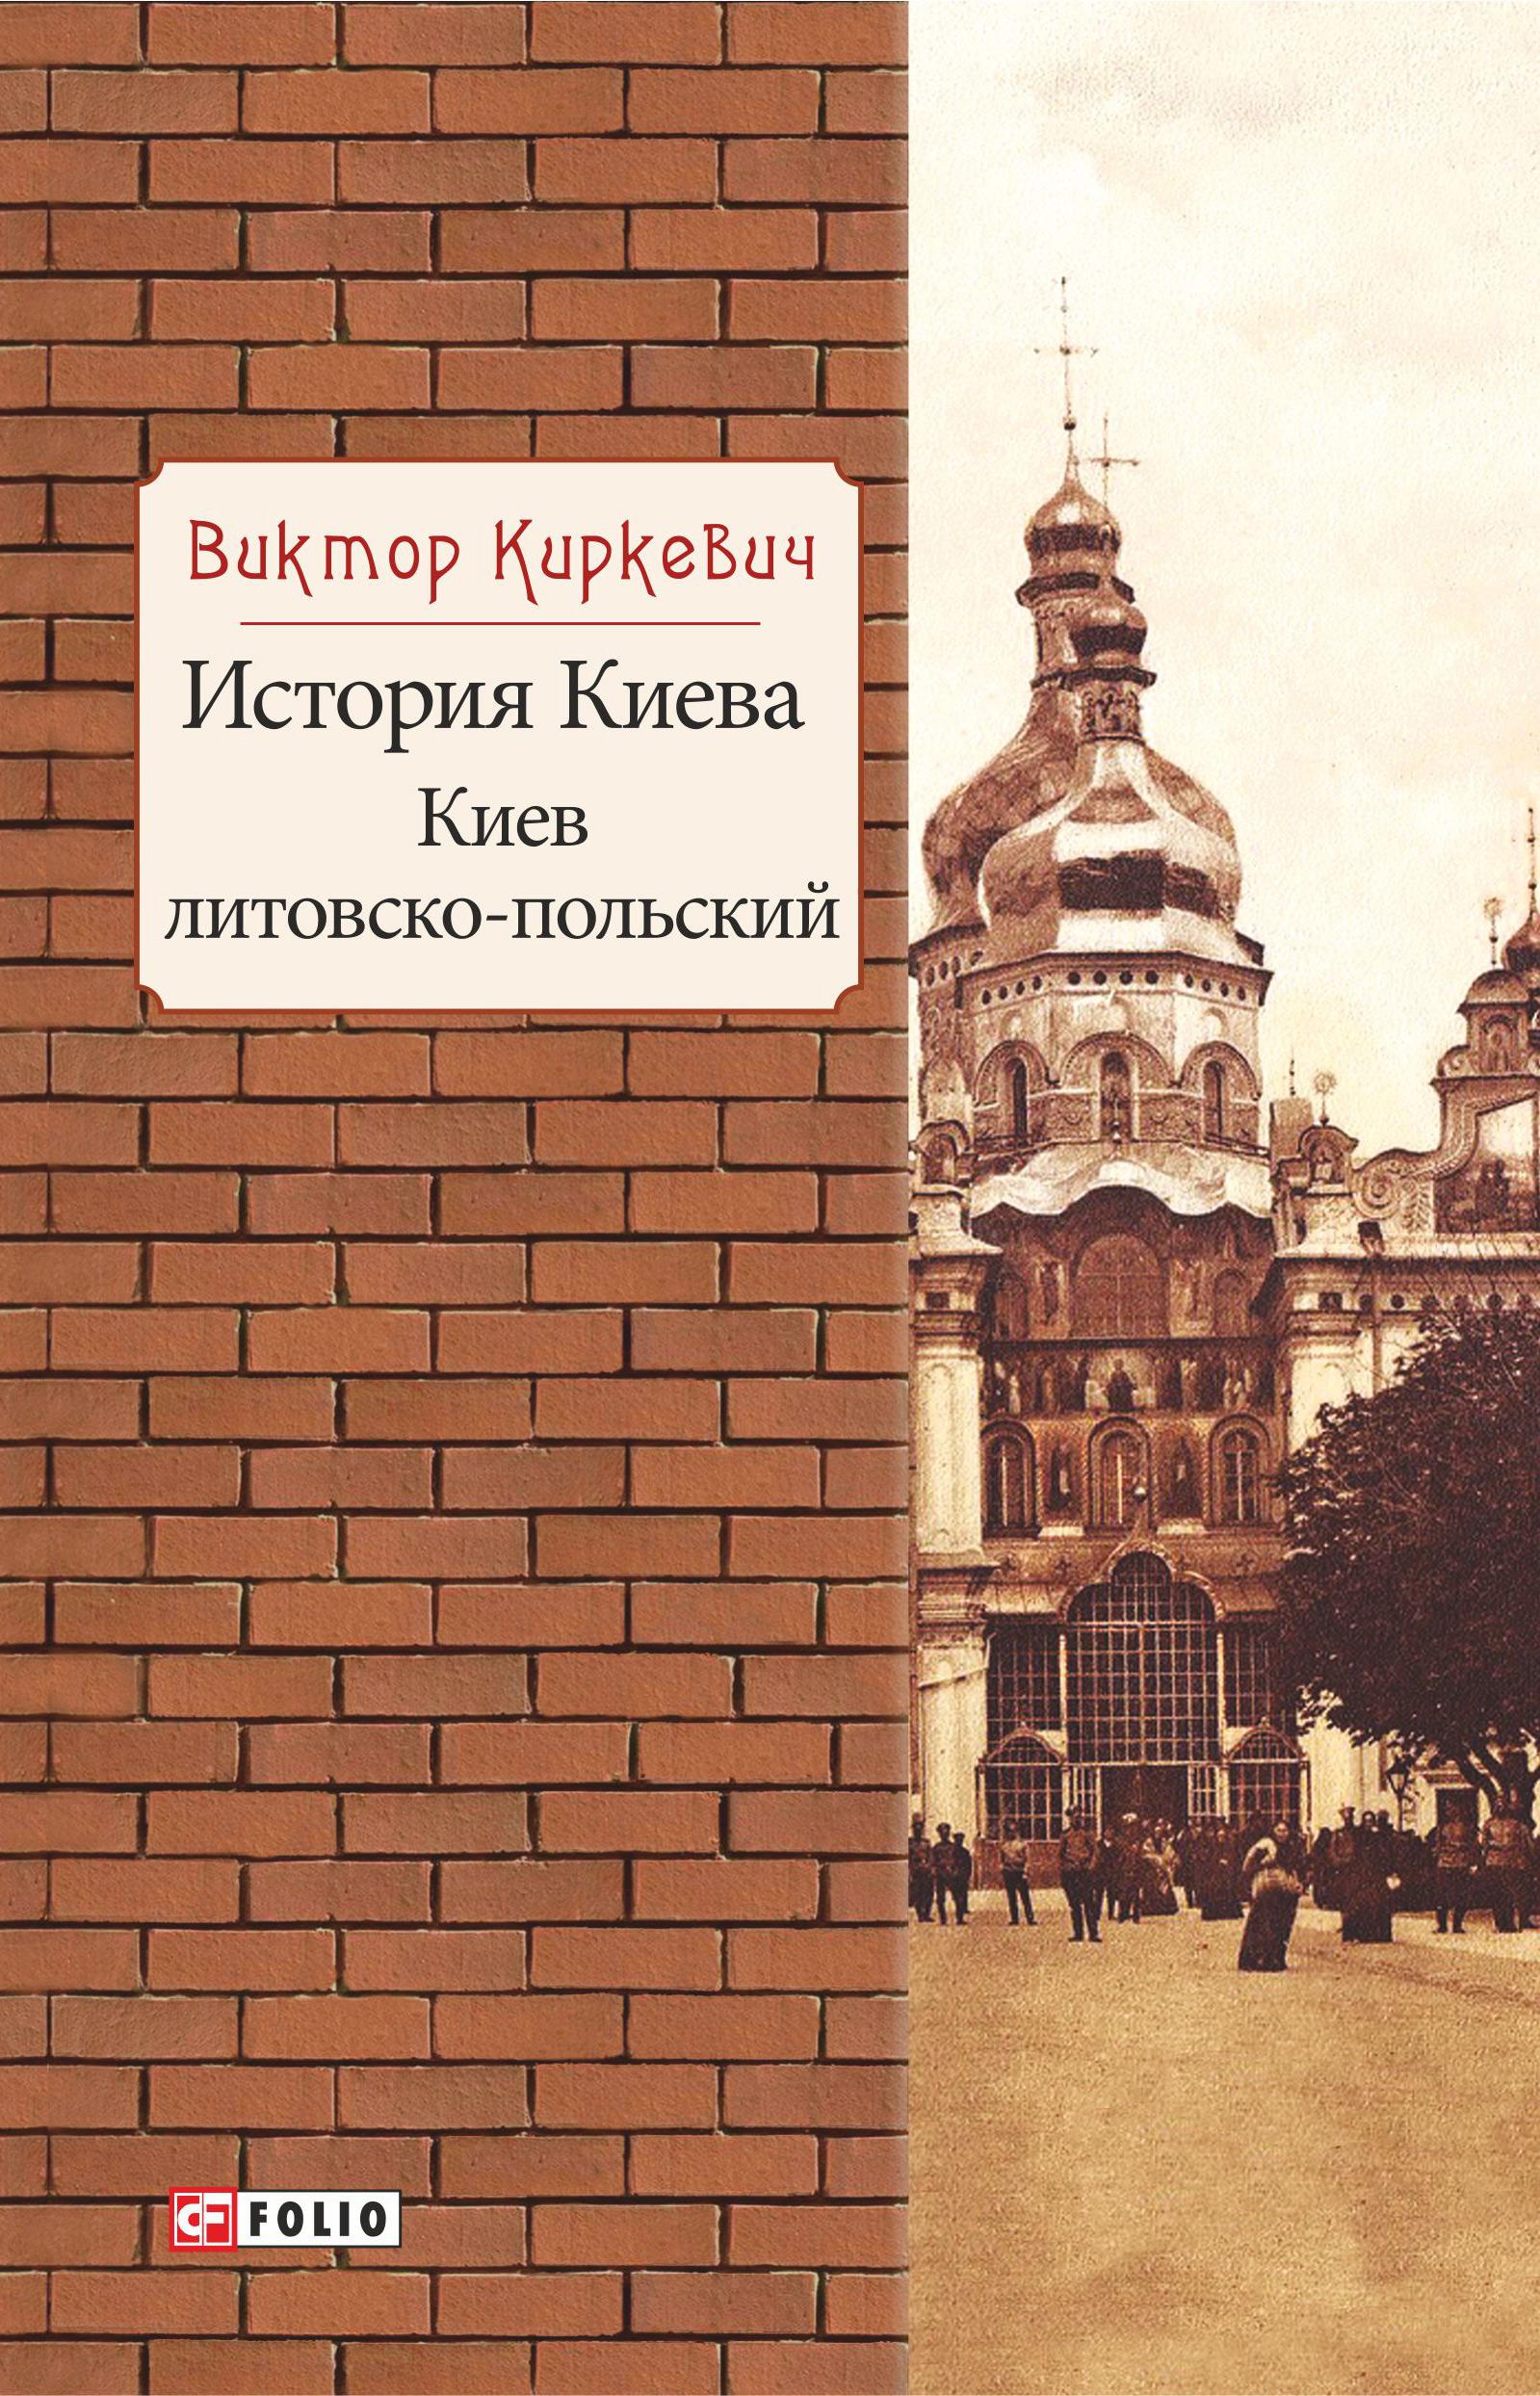 Виктор Киркевич История Киева. Киев литовско-польский